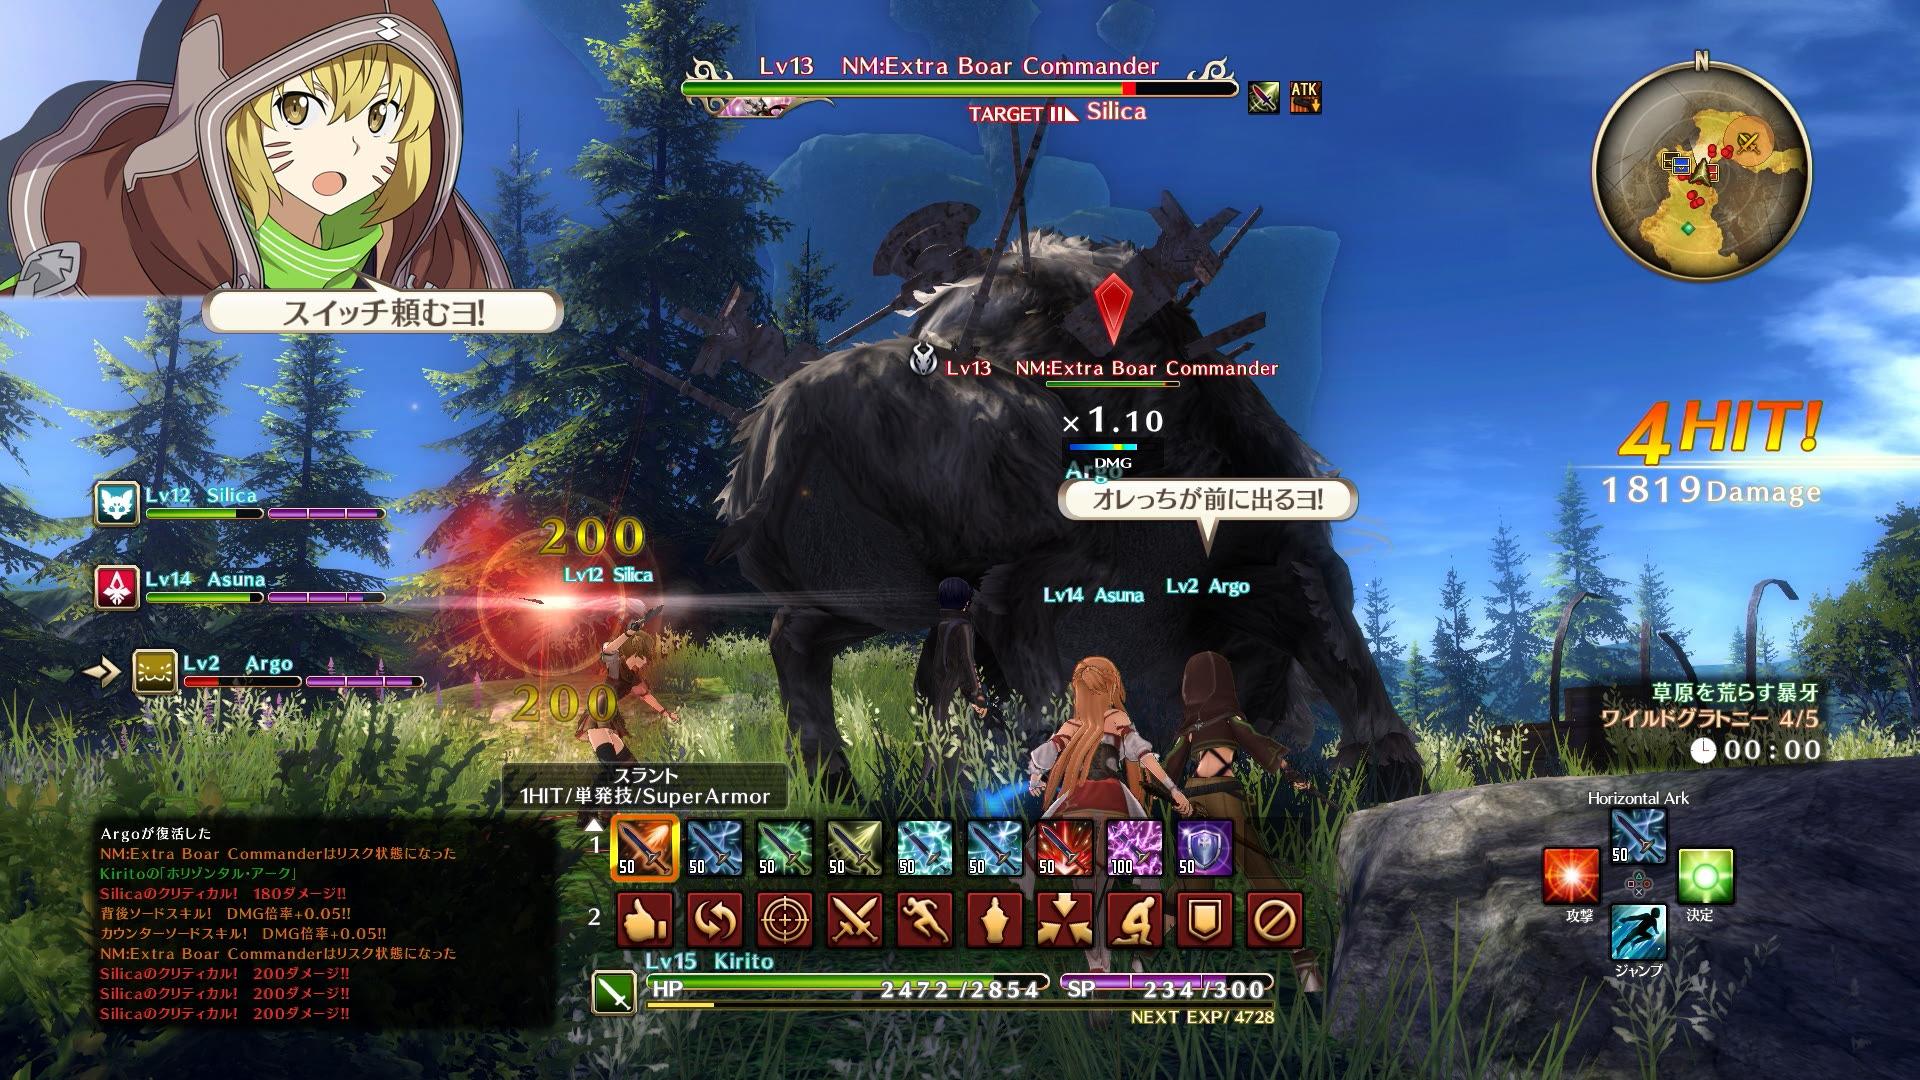 Komunikaci ve Sword Art Online: Hollow Realization budou ovlivňovat pocity 128328